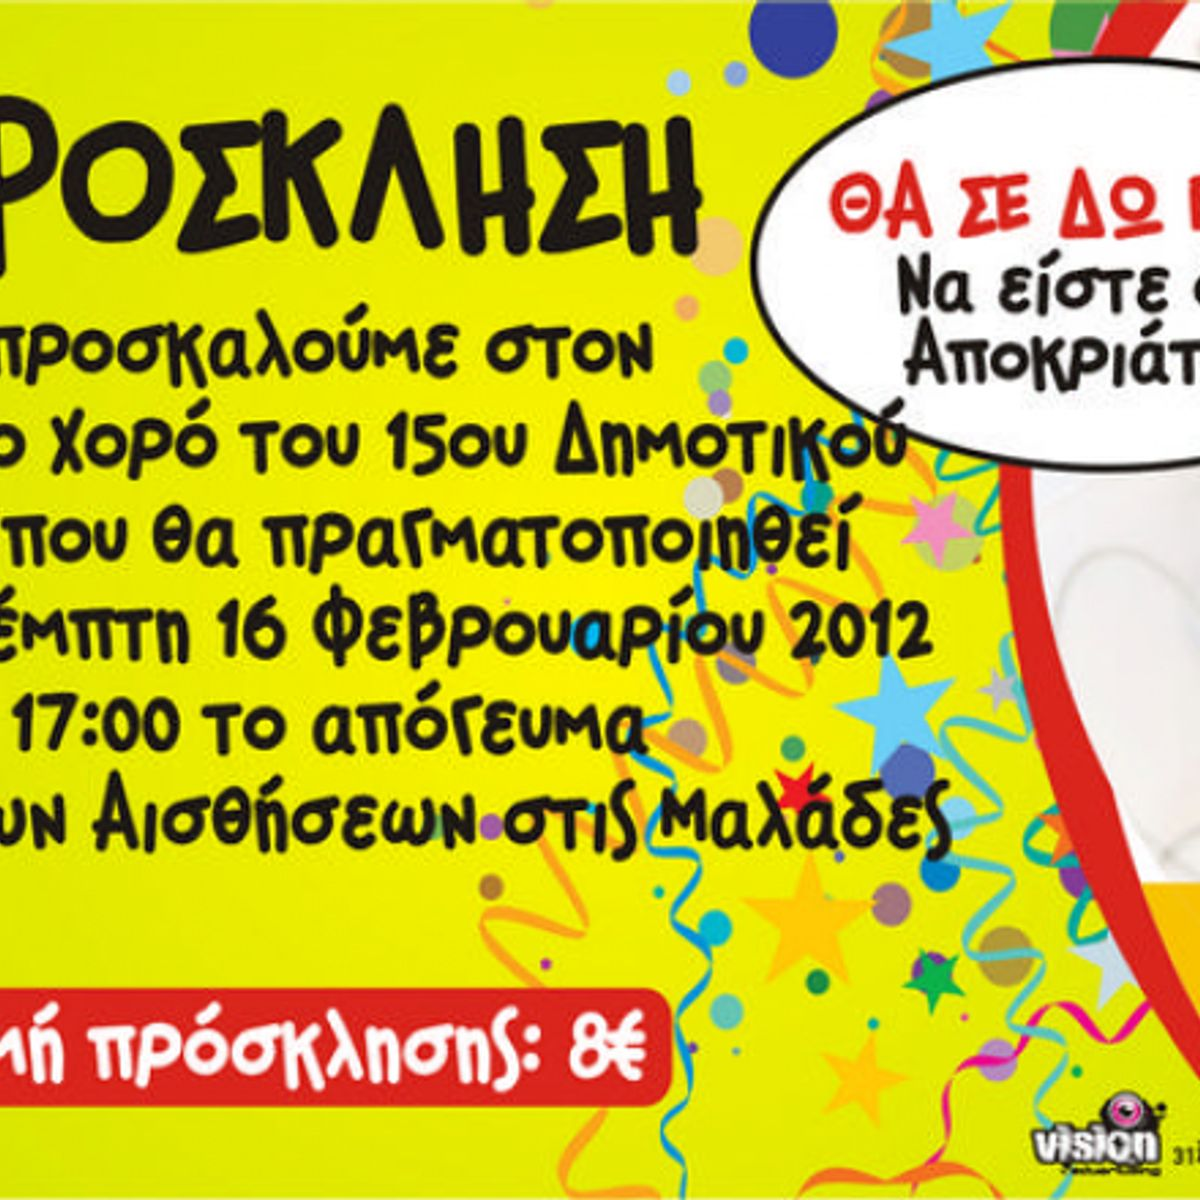 Προσκλήσεις - inv3583